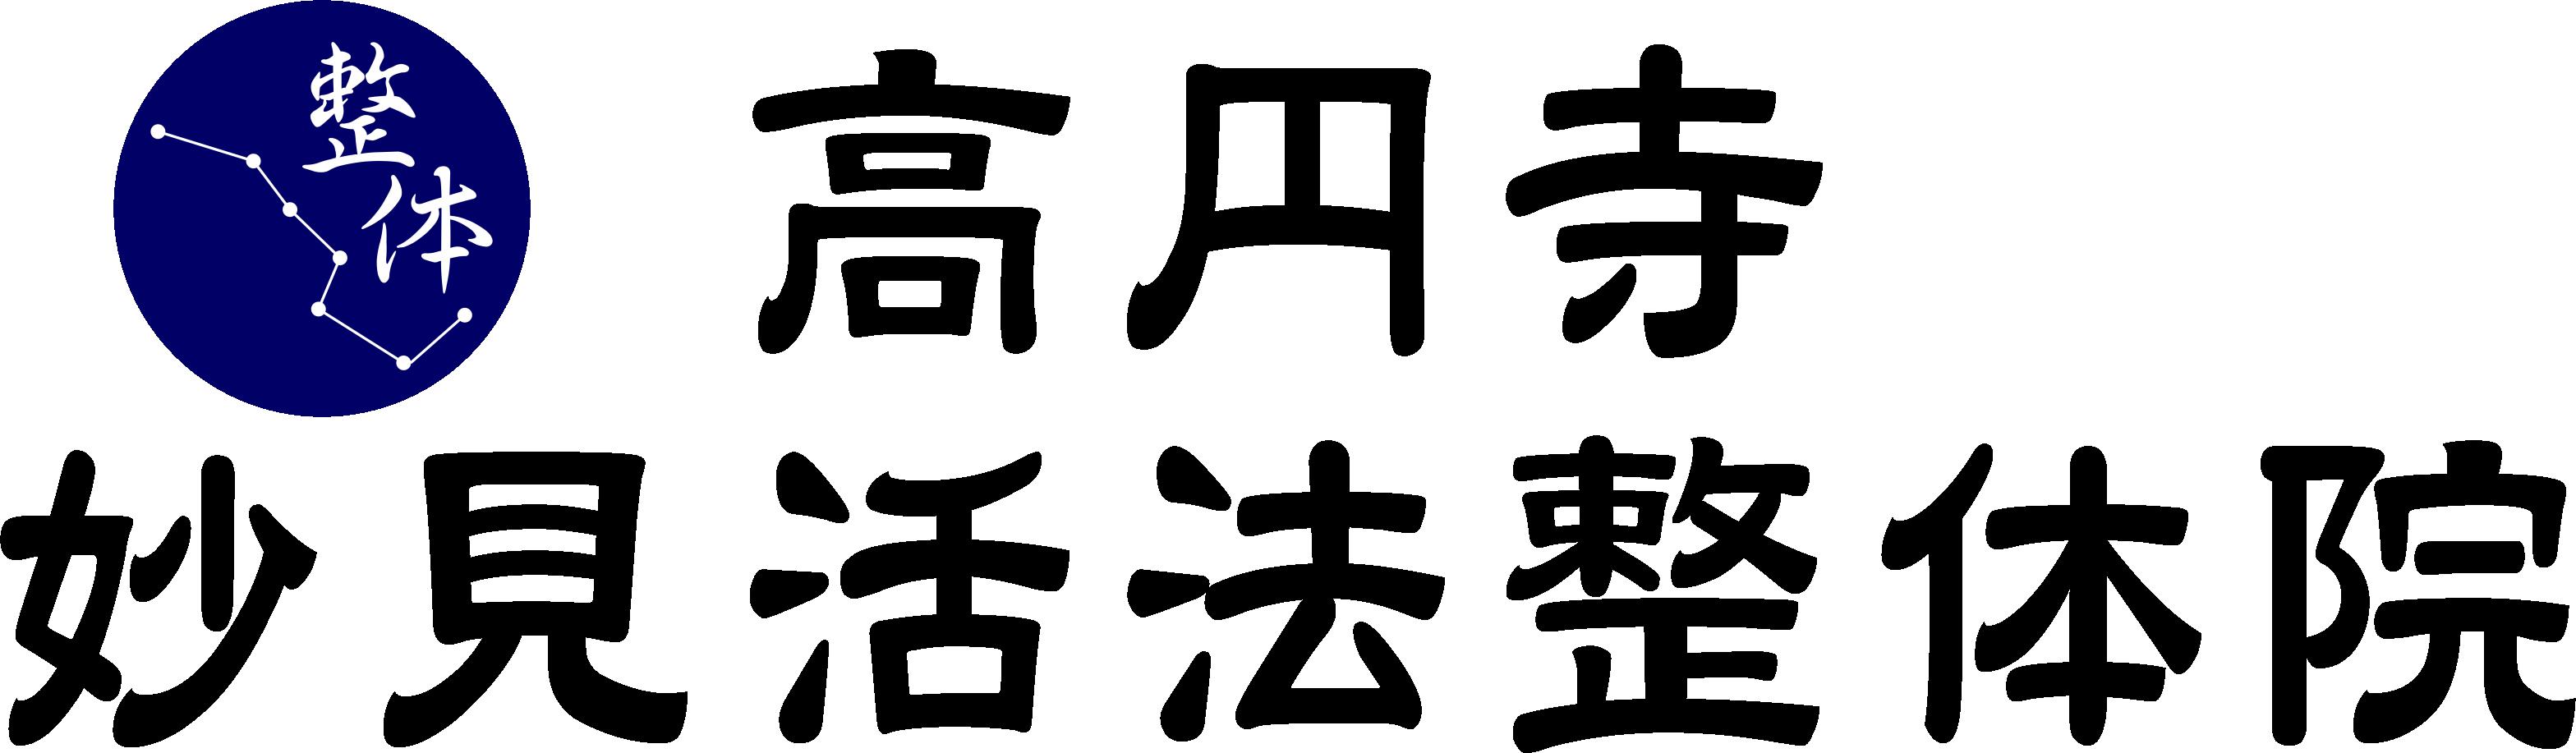 新高円寺の瞬間整体『高円寺妙見活法整体院』